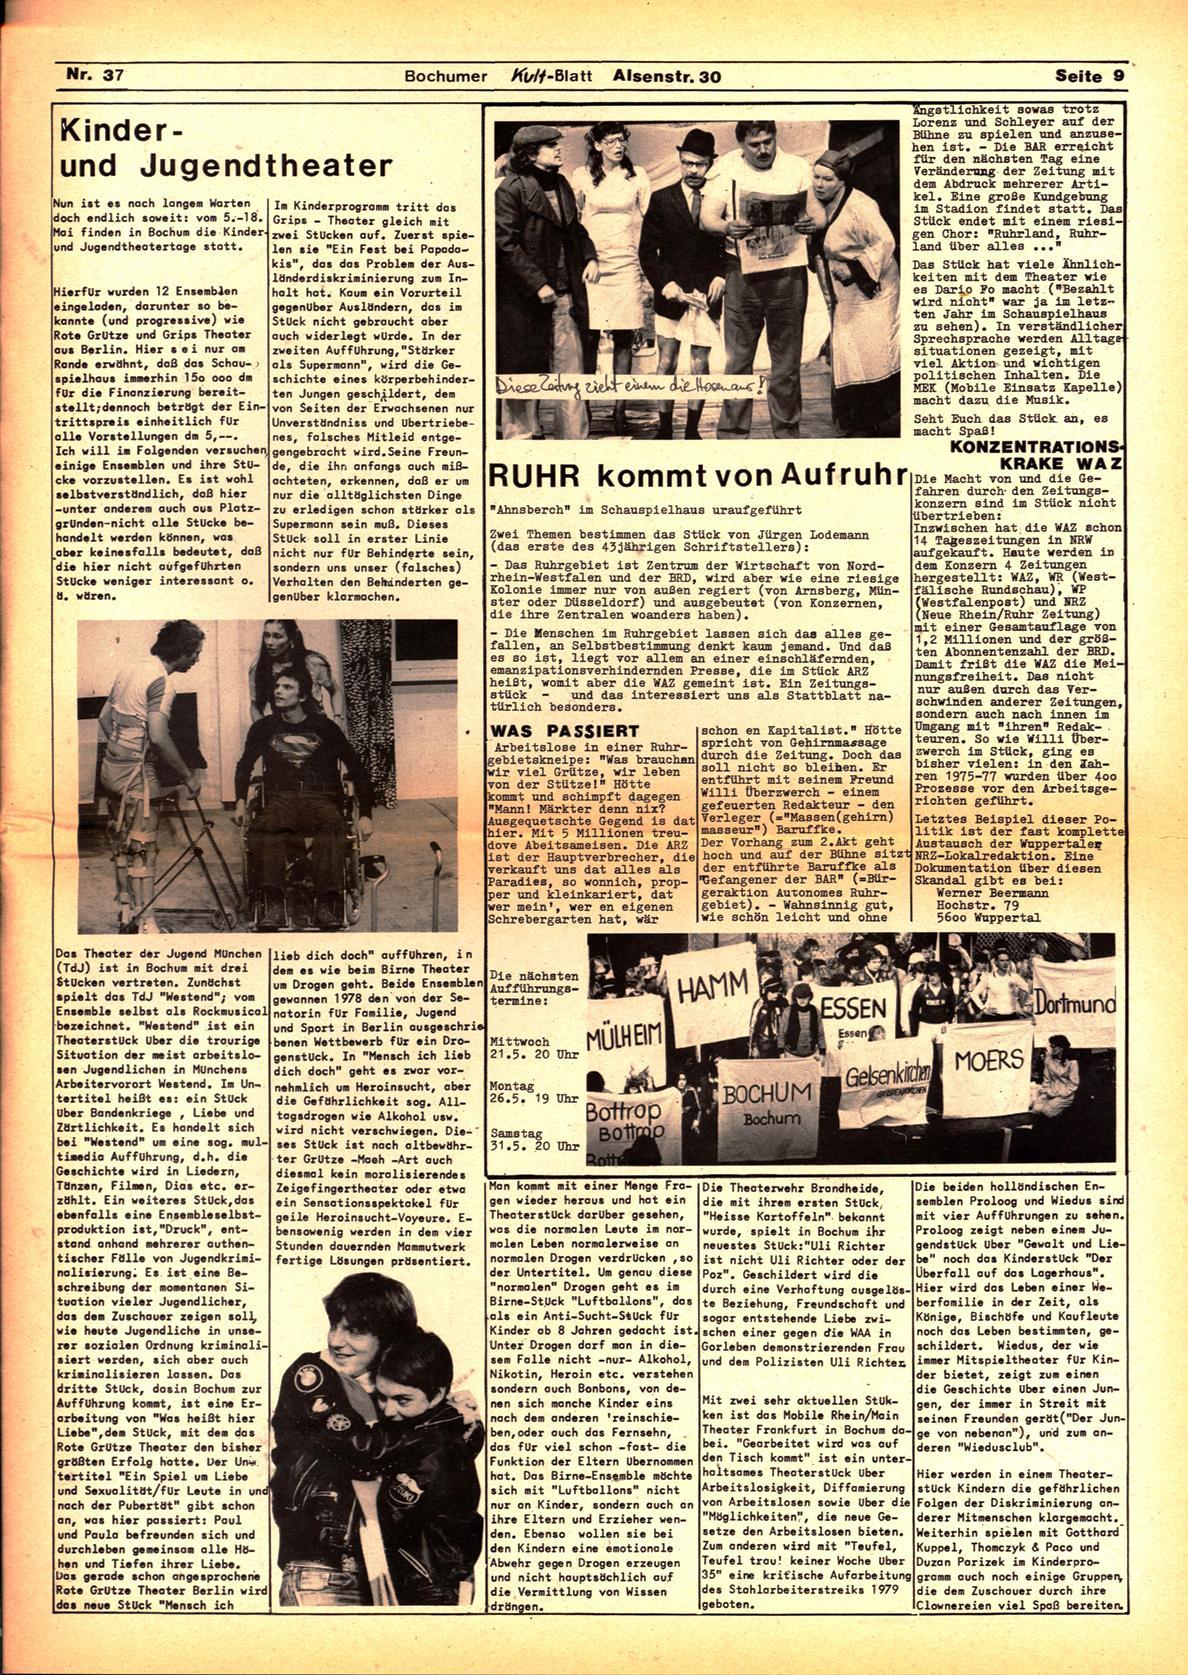 Bochum_Stattblatt_19800500_37_09